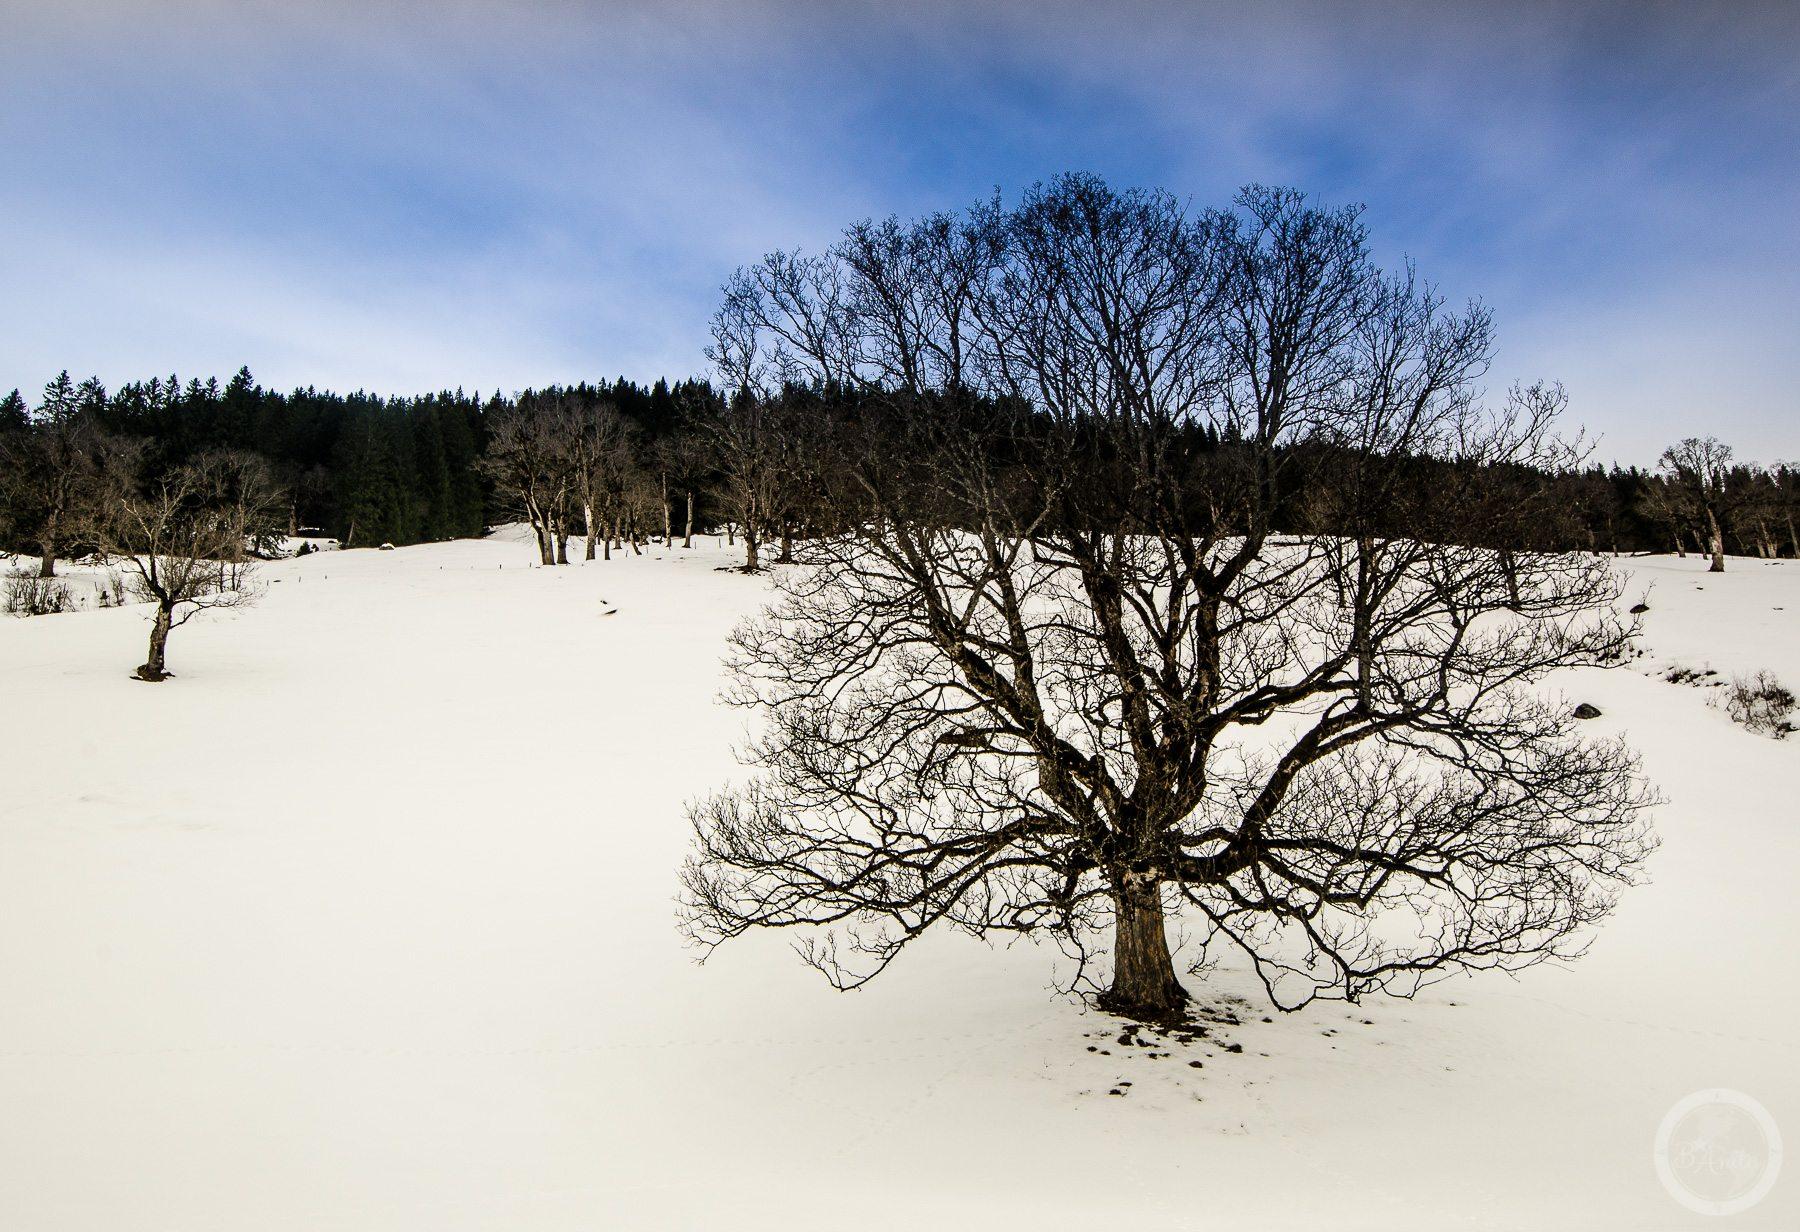 Samotne drzewo naośnierzonej polanie. Schwarzwaldalp, Szwajcaria